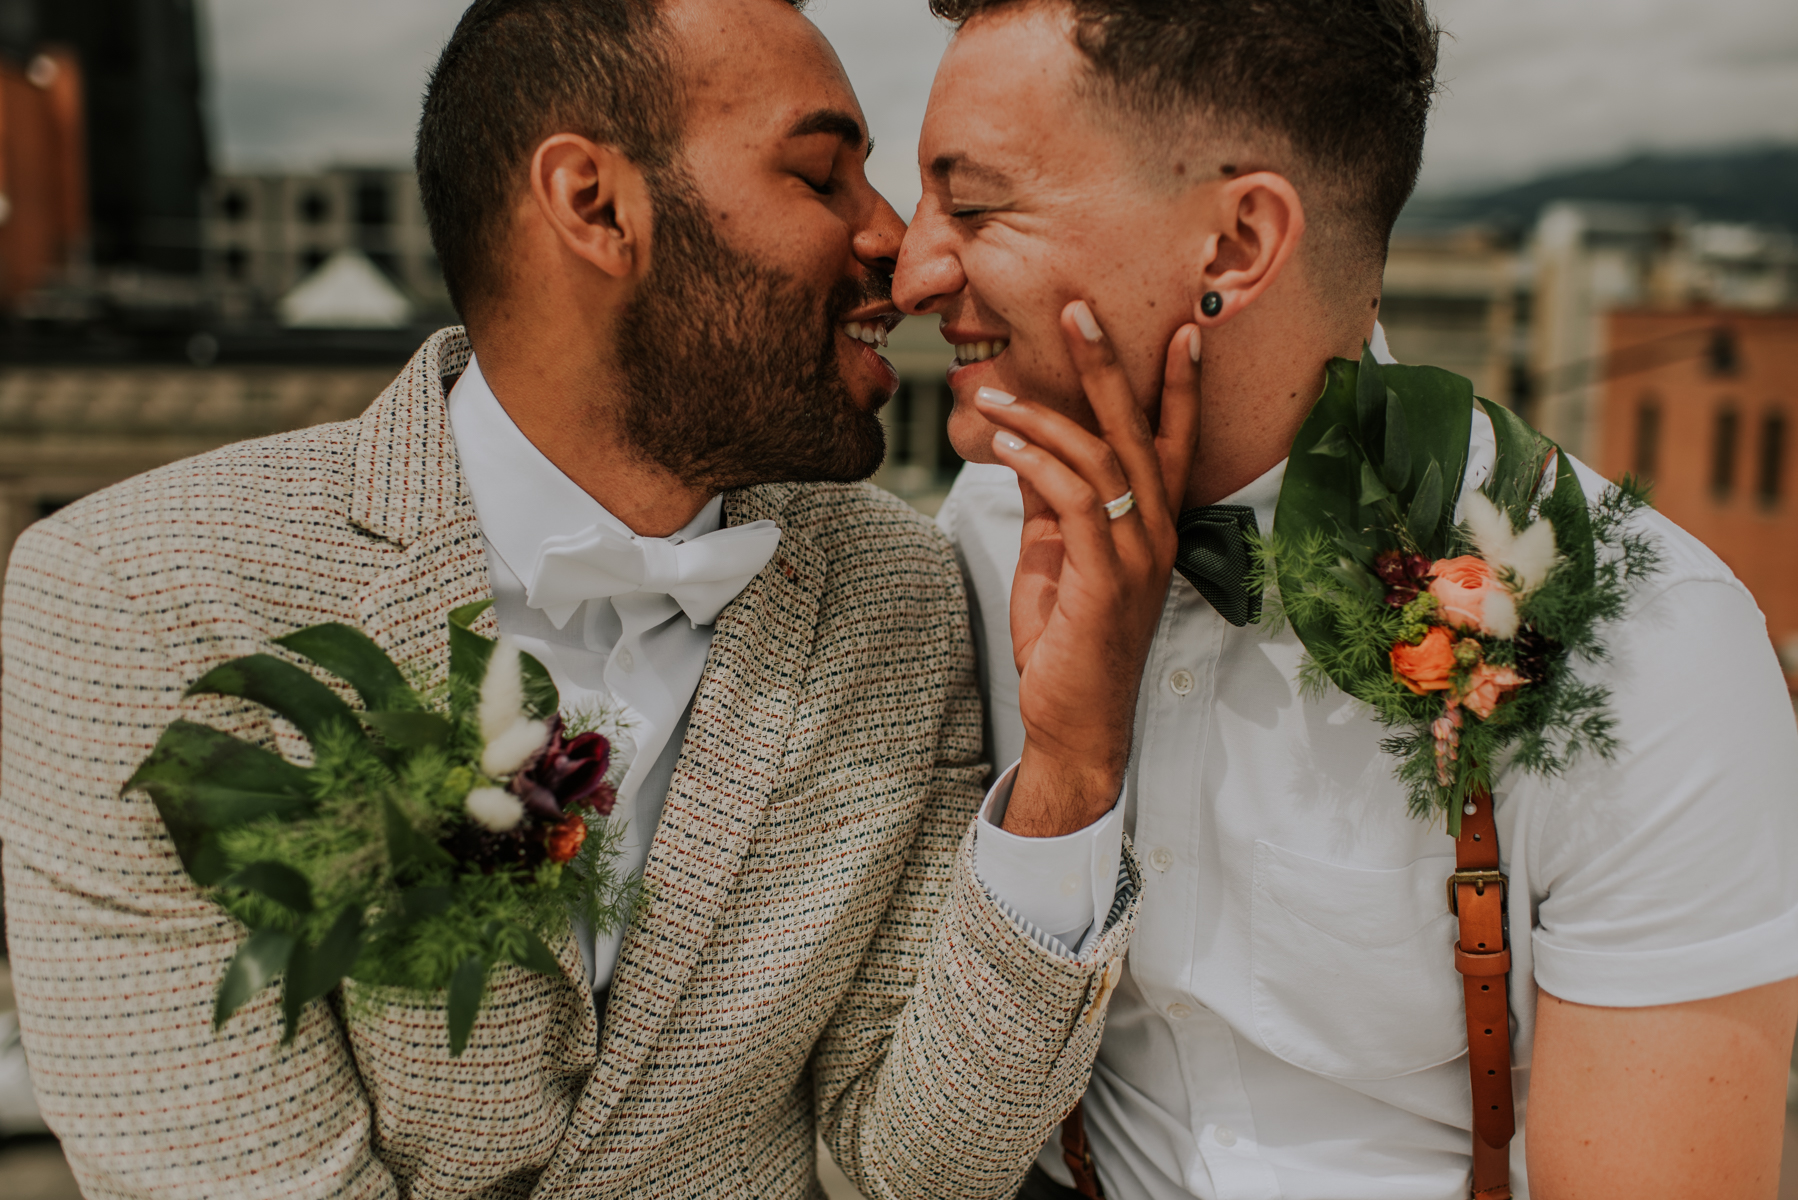 Same sex Montana wedding